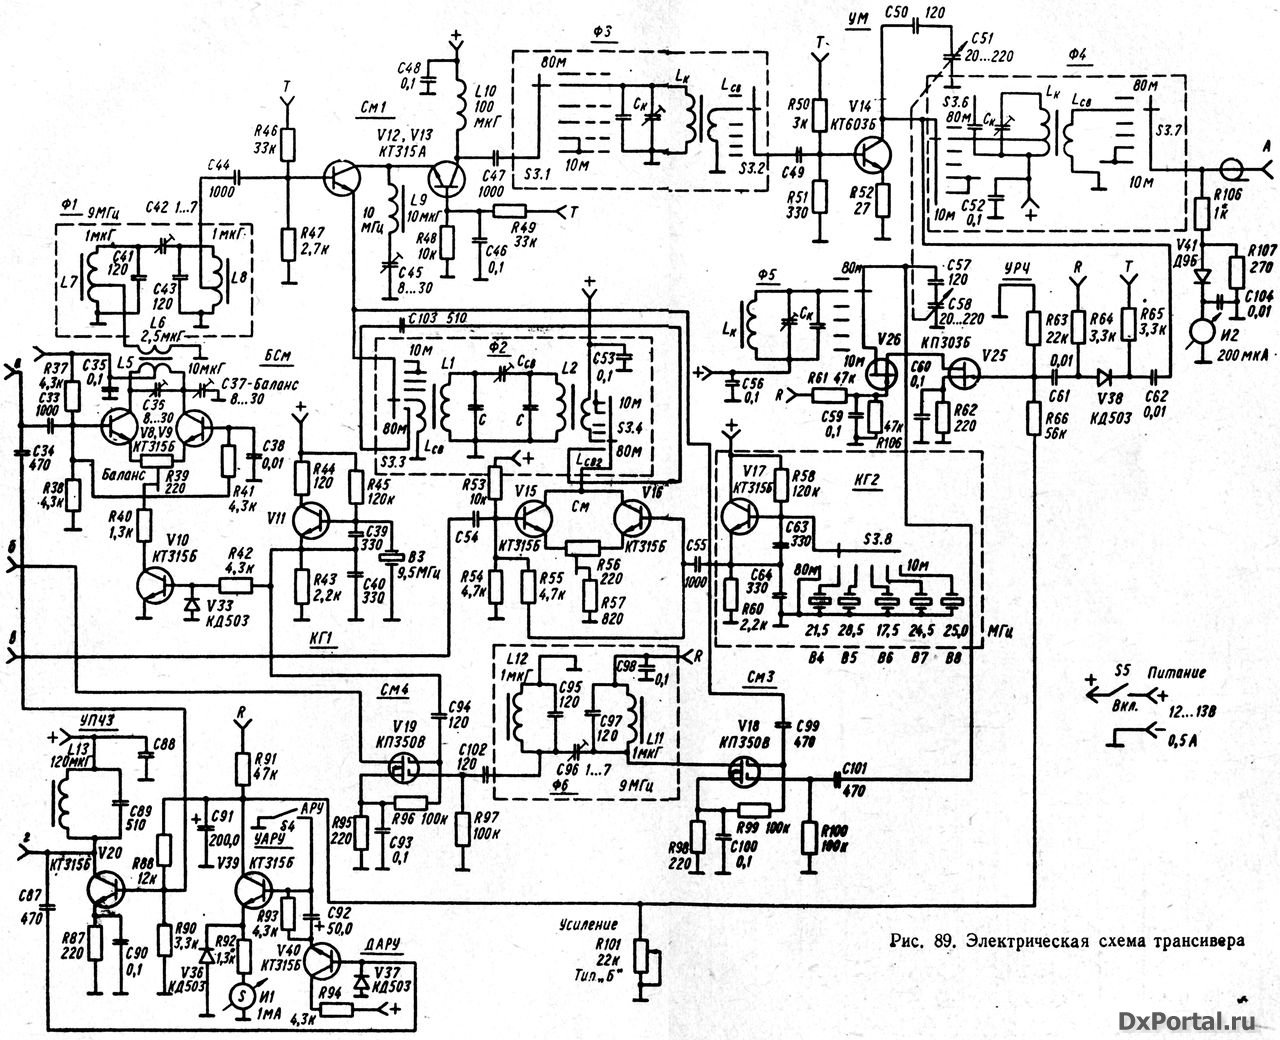 Схема приёмопередатчика с прямым приобразованием